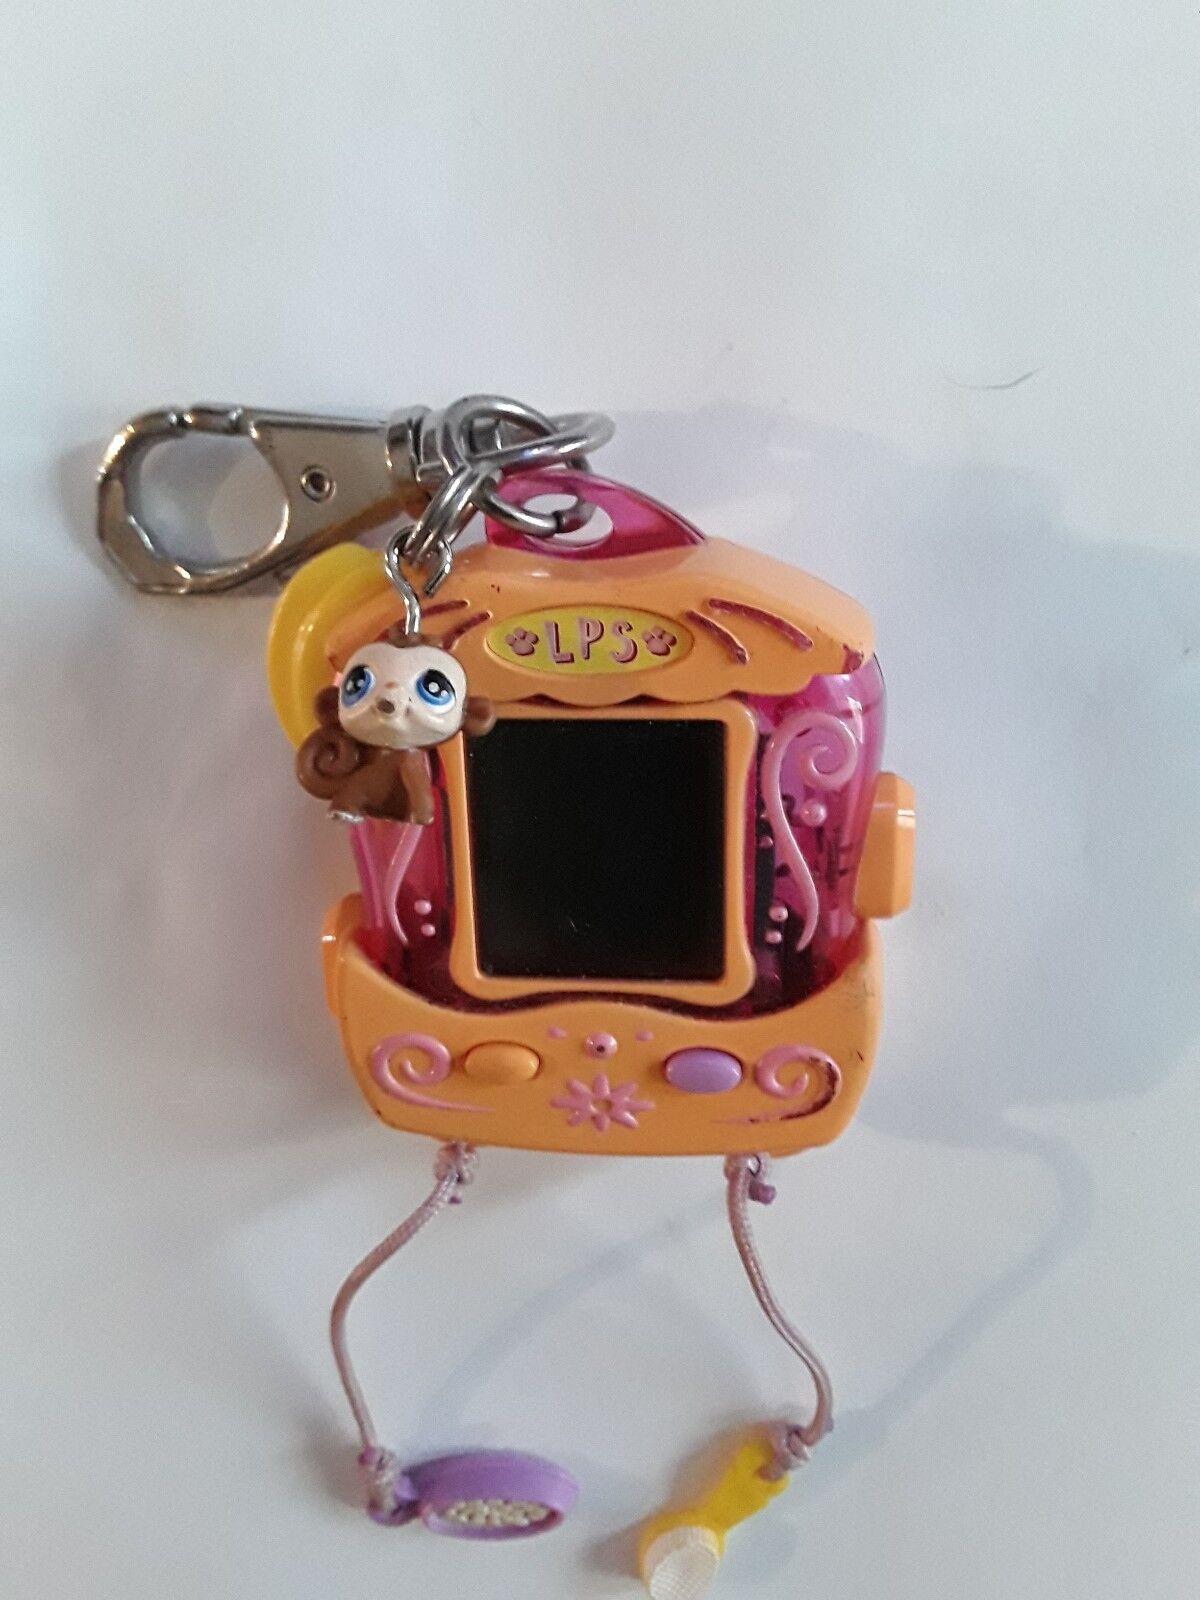 LITTLEST PET SHOP MONKEY ELECTRONIC VIRTUAL KEY RING HANDHELD GAME HASBRO 2006